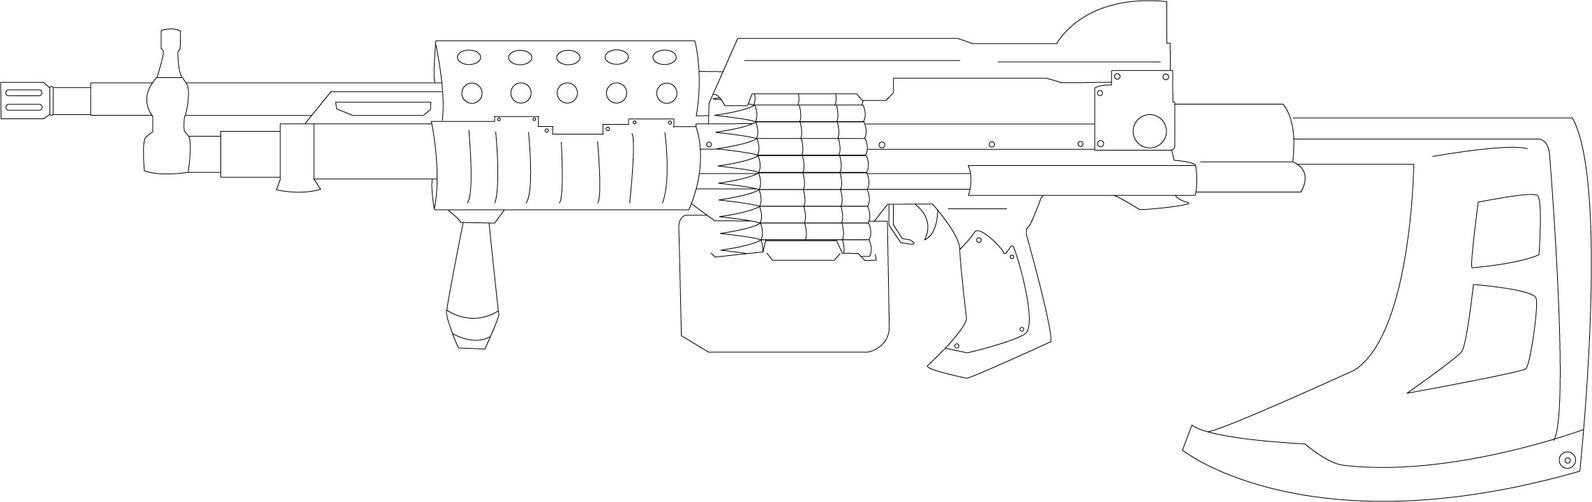 machine gun designs